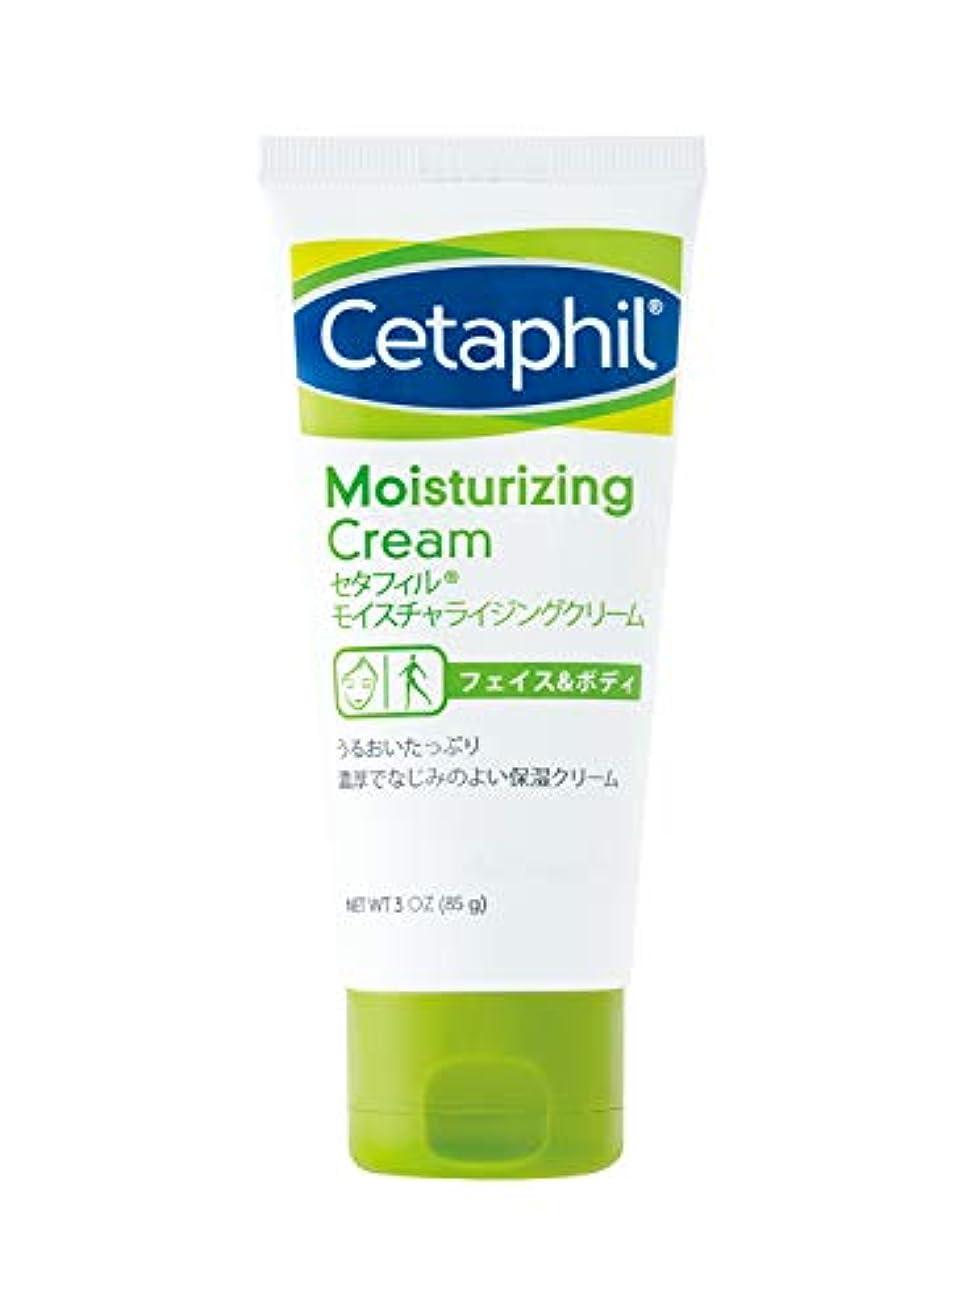 乗ってに変わるデイジーセタフィル Cetaphil ® モイスチャライジングクリーム 85g ( フェイス & ボディ 保湿クリーム クリーム )